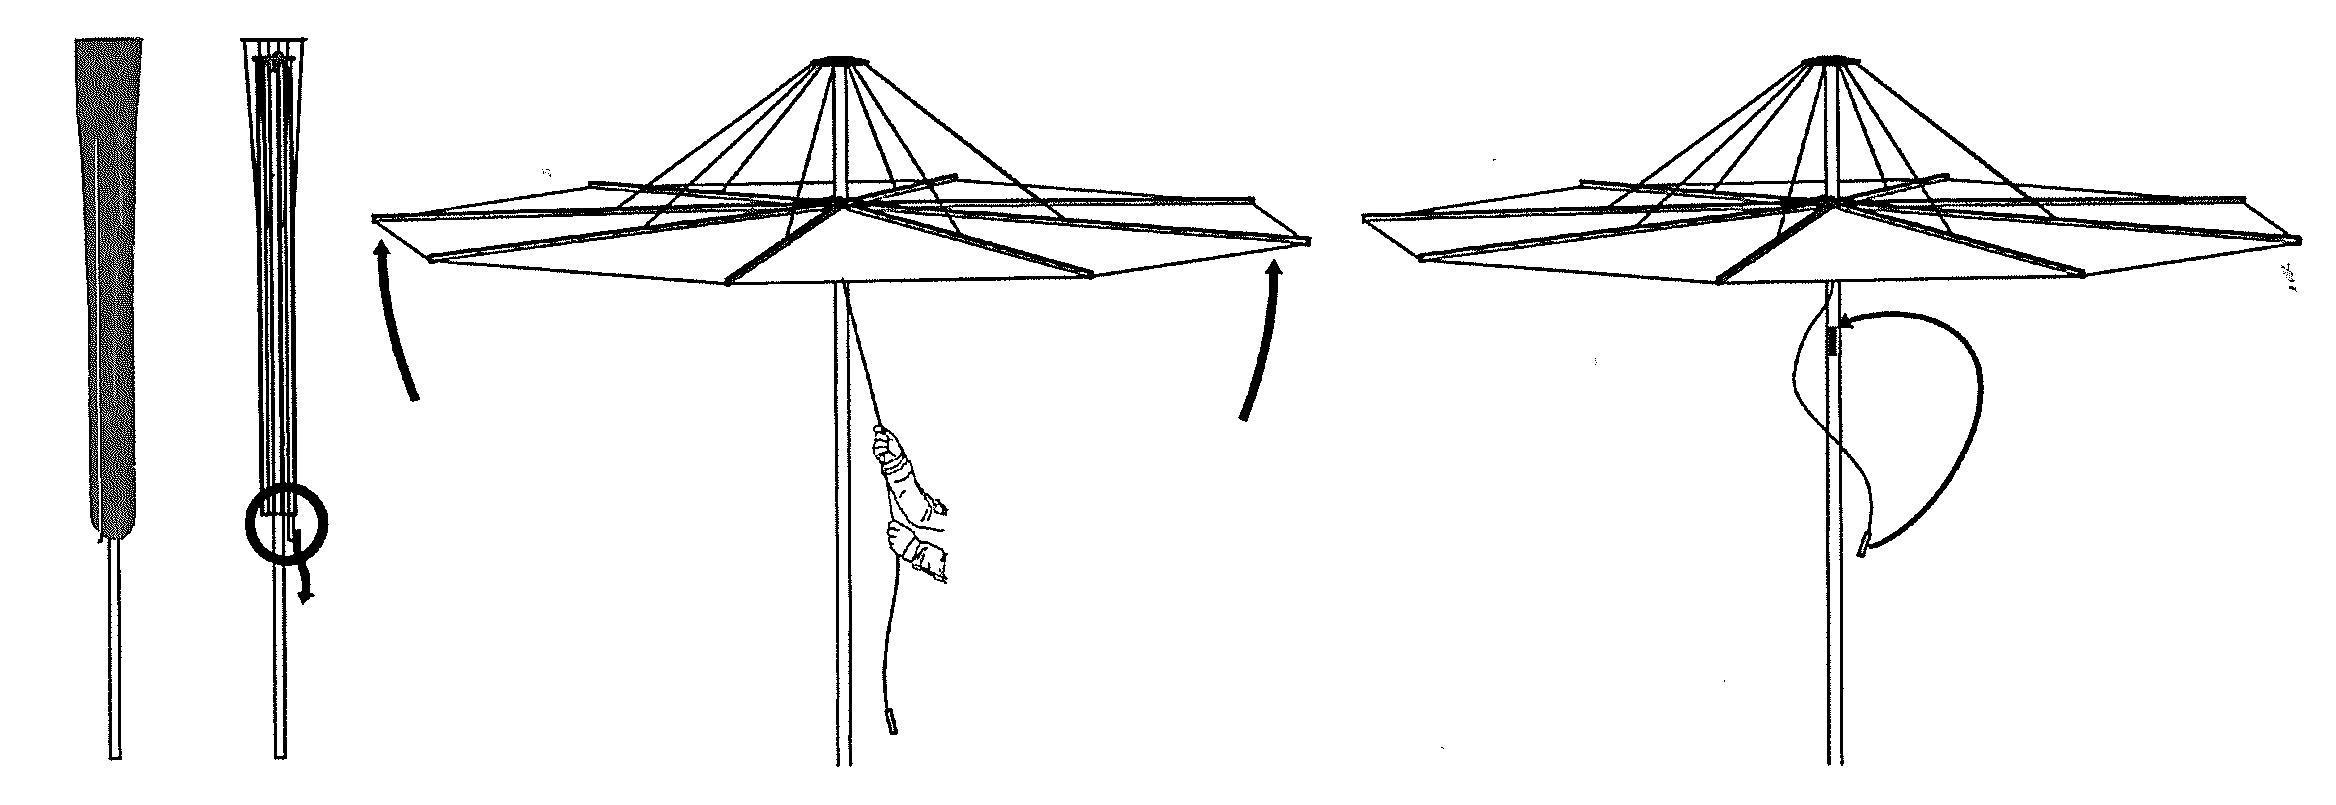 installazione ombrellone infina umbrosa